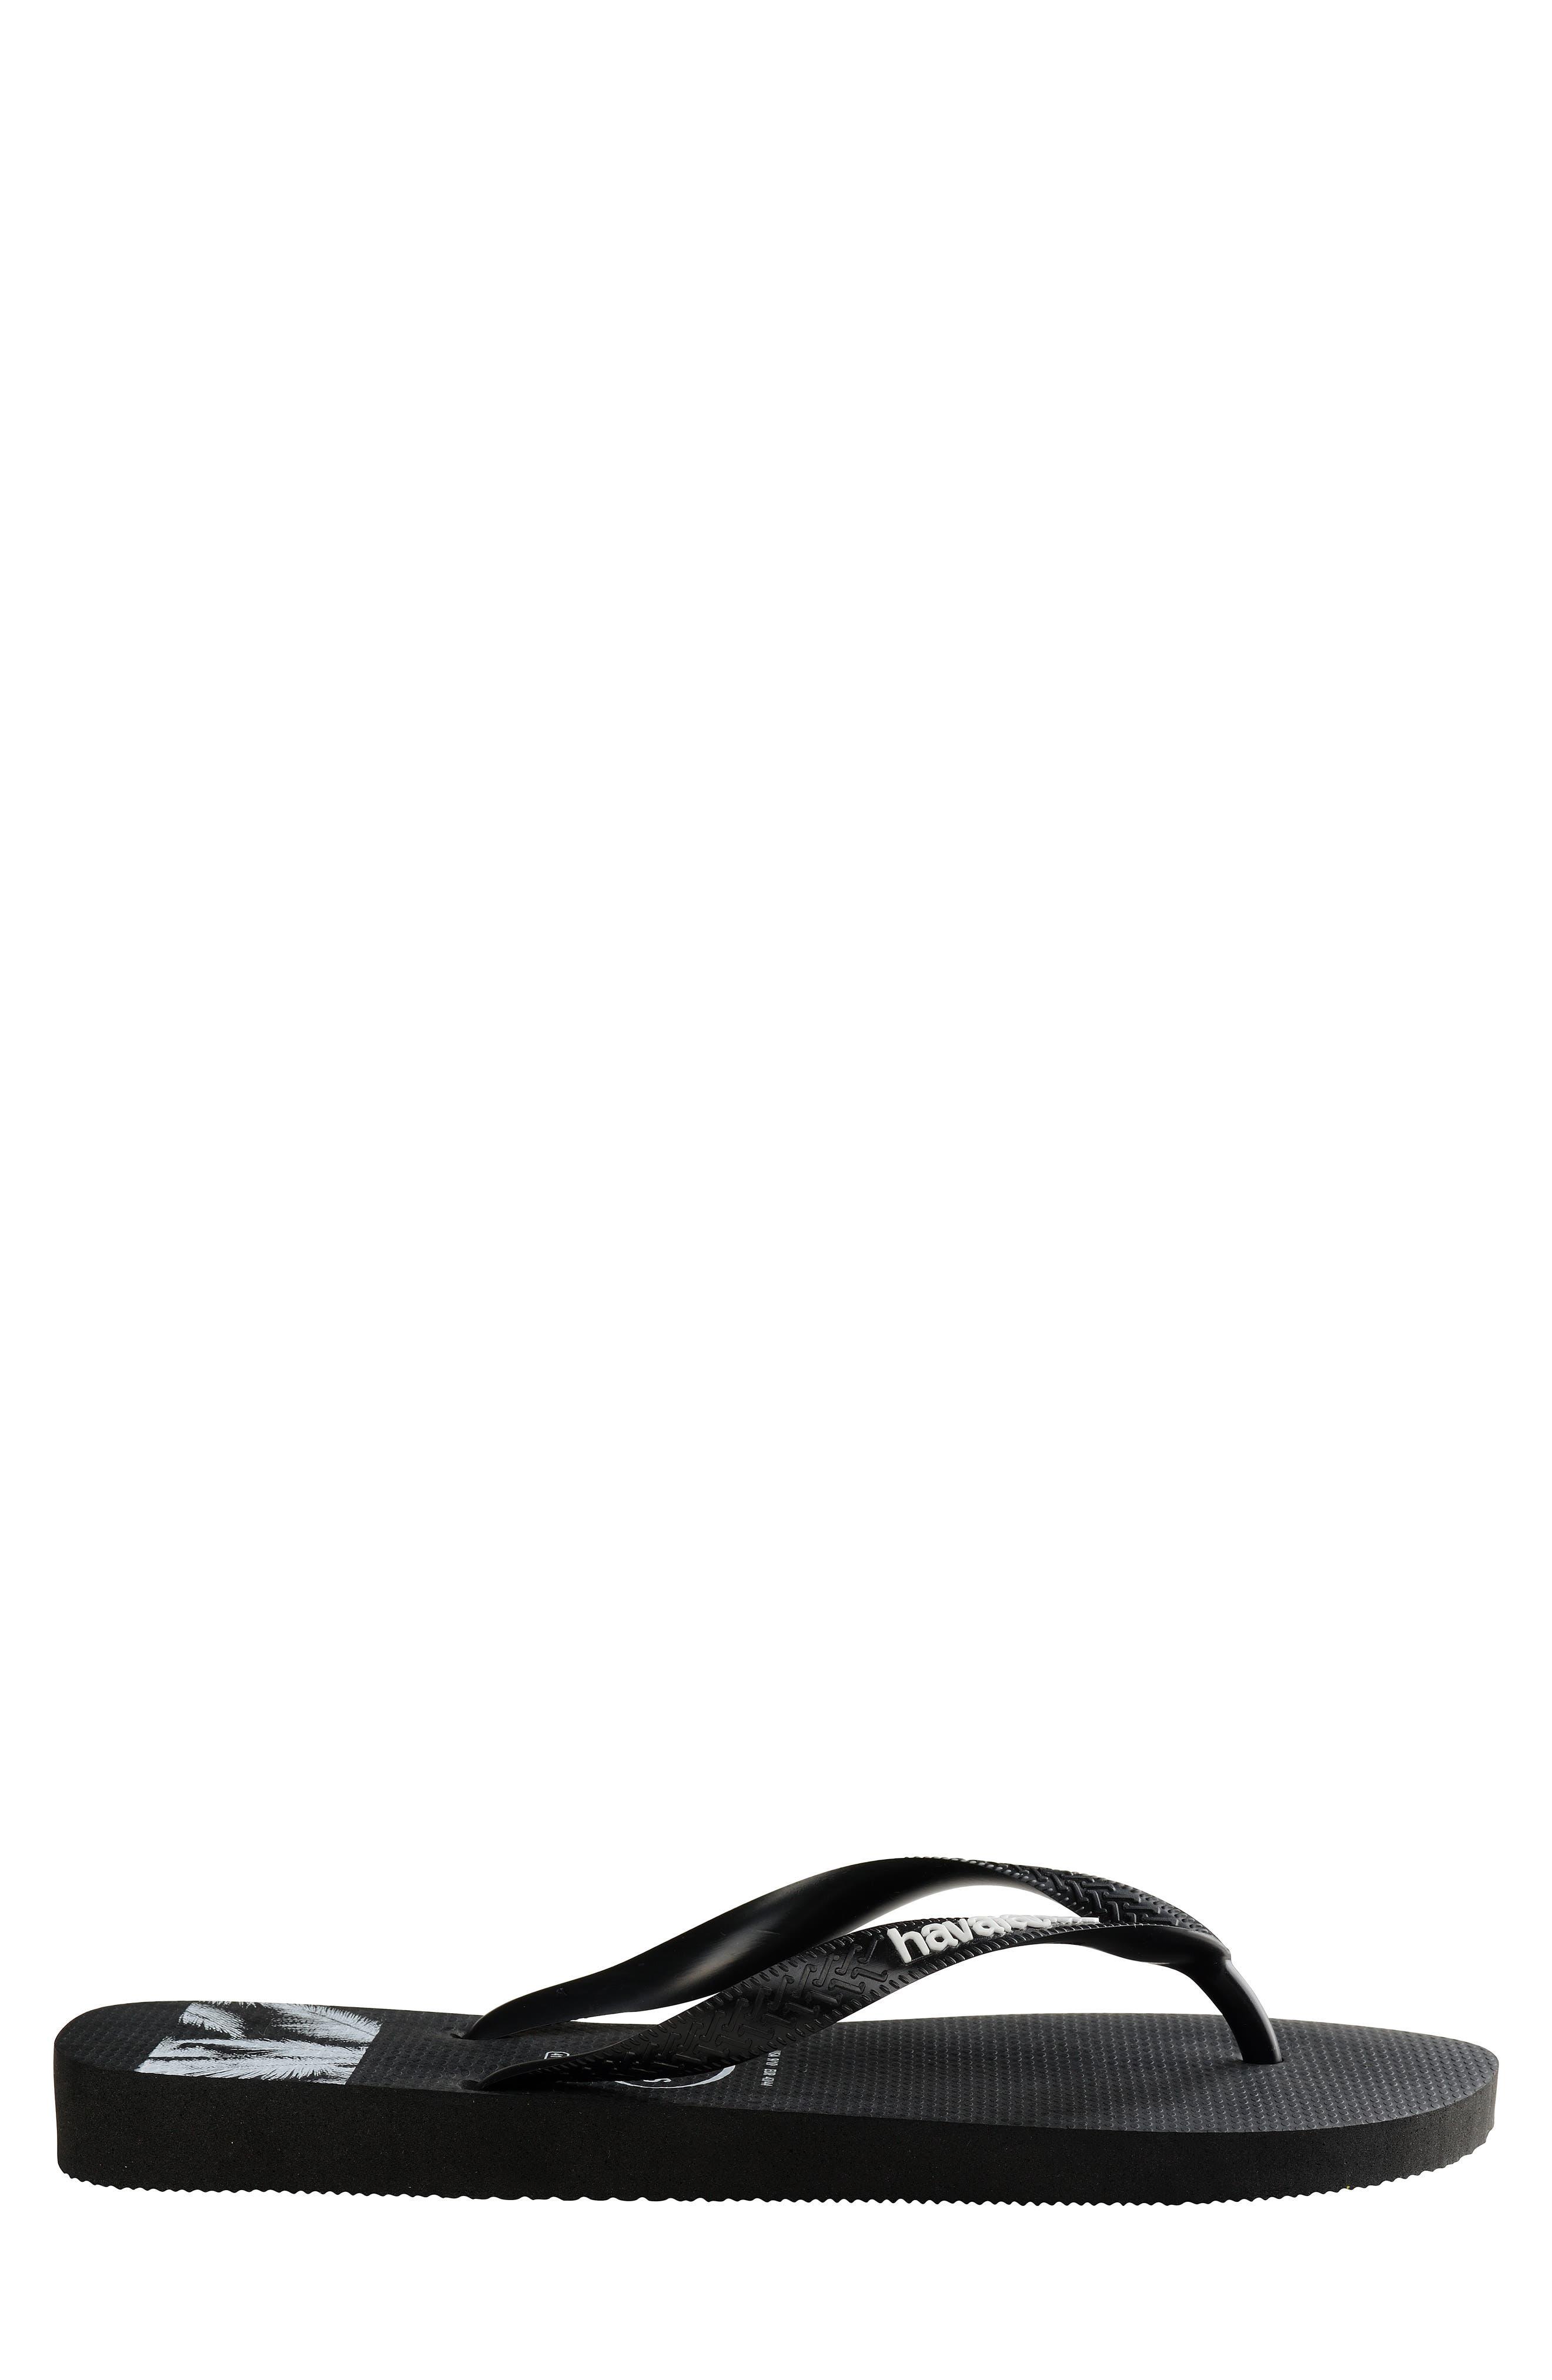 HAVAIANAS, Top Stripes Flip Flop, Alternate thumbnail 3, color, BLACK/ BLACK